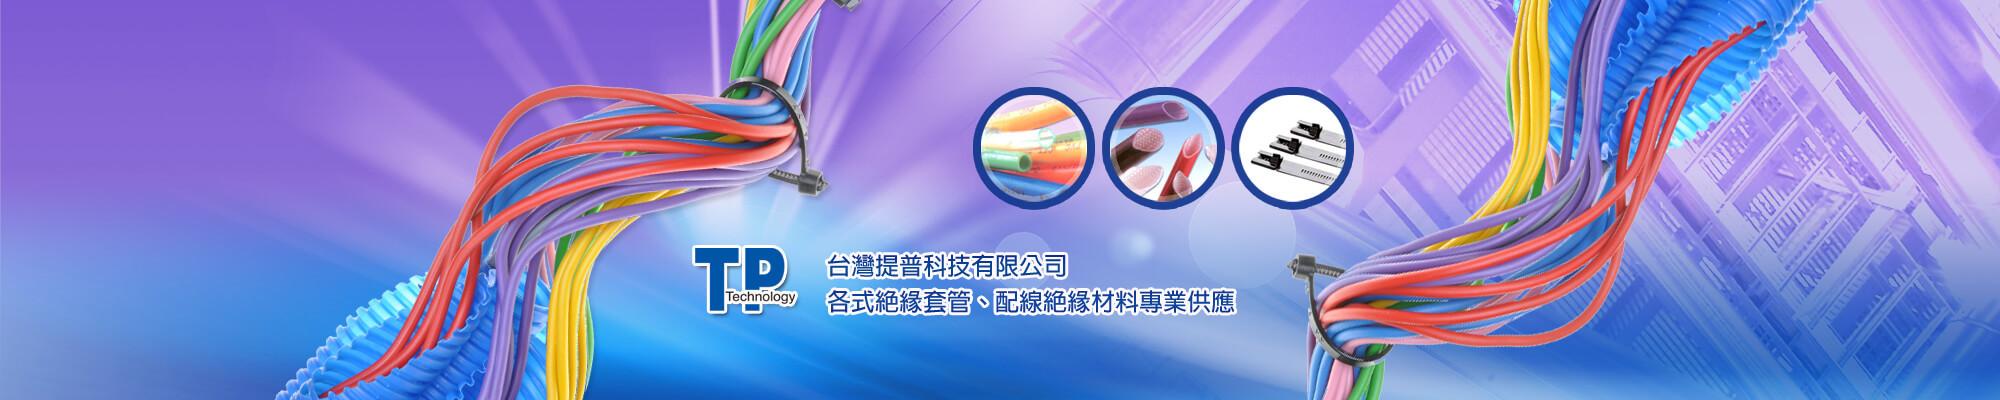 台灣提普科技有限公司 熱縮套管, 熱收縮套管, 絕緣管